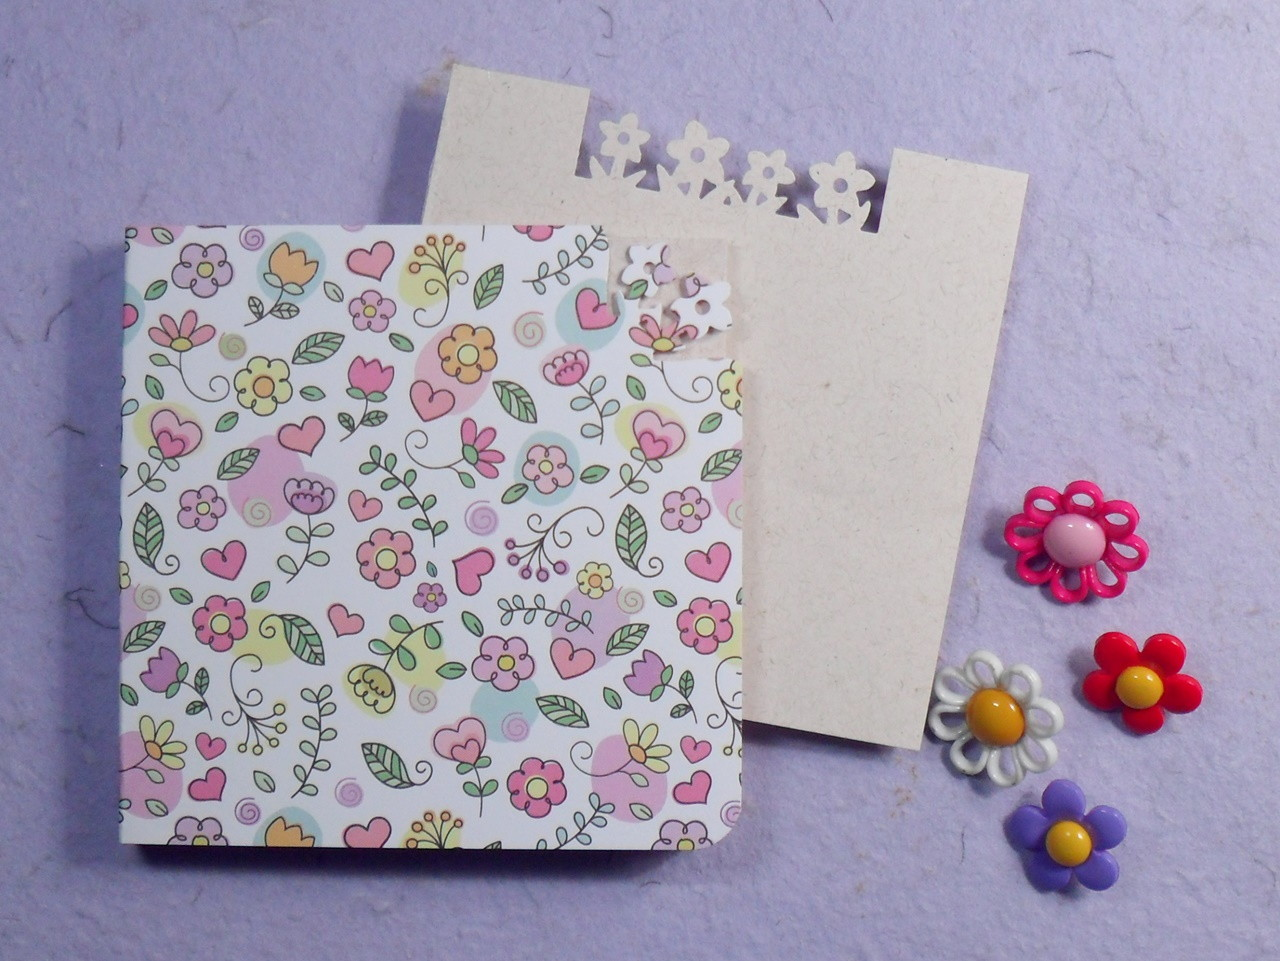 bloquinho florzinhas capa desenho no elo7 bloquinhos e cia b8d5da